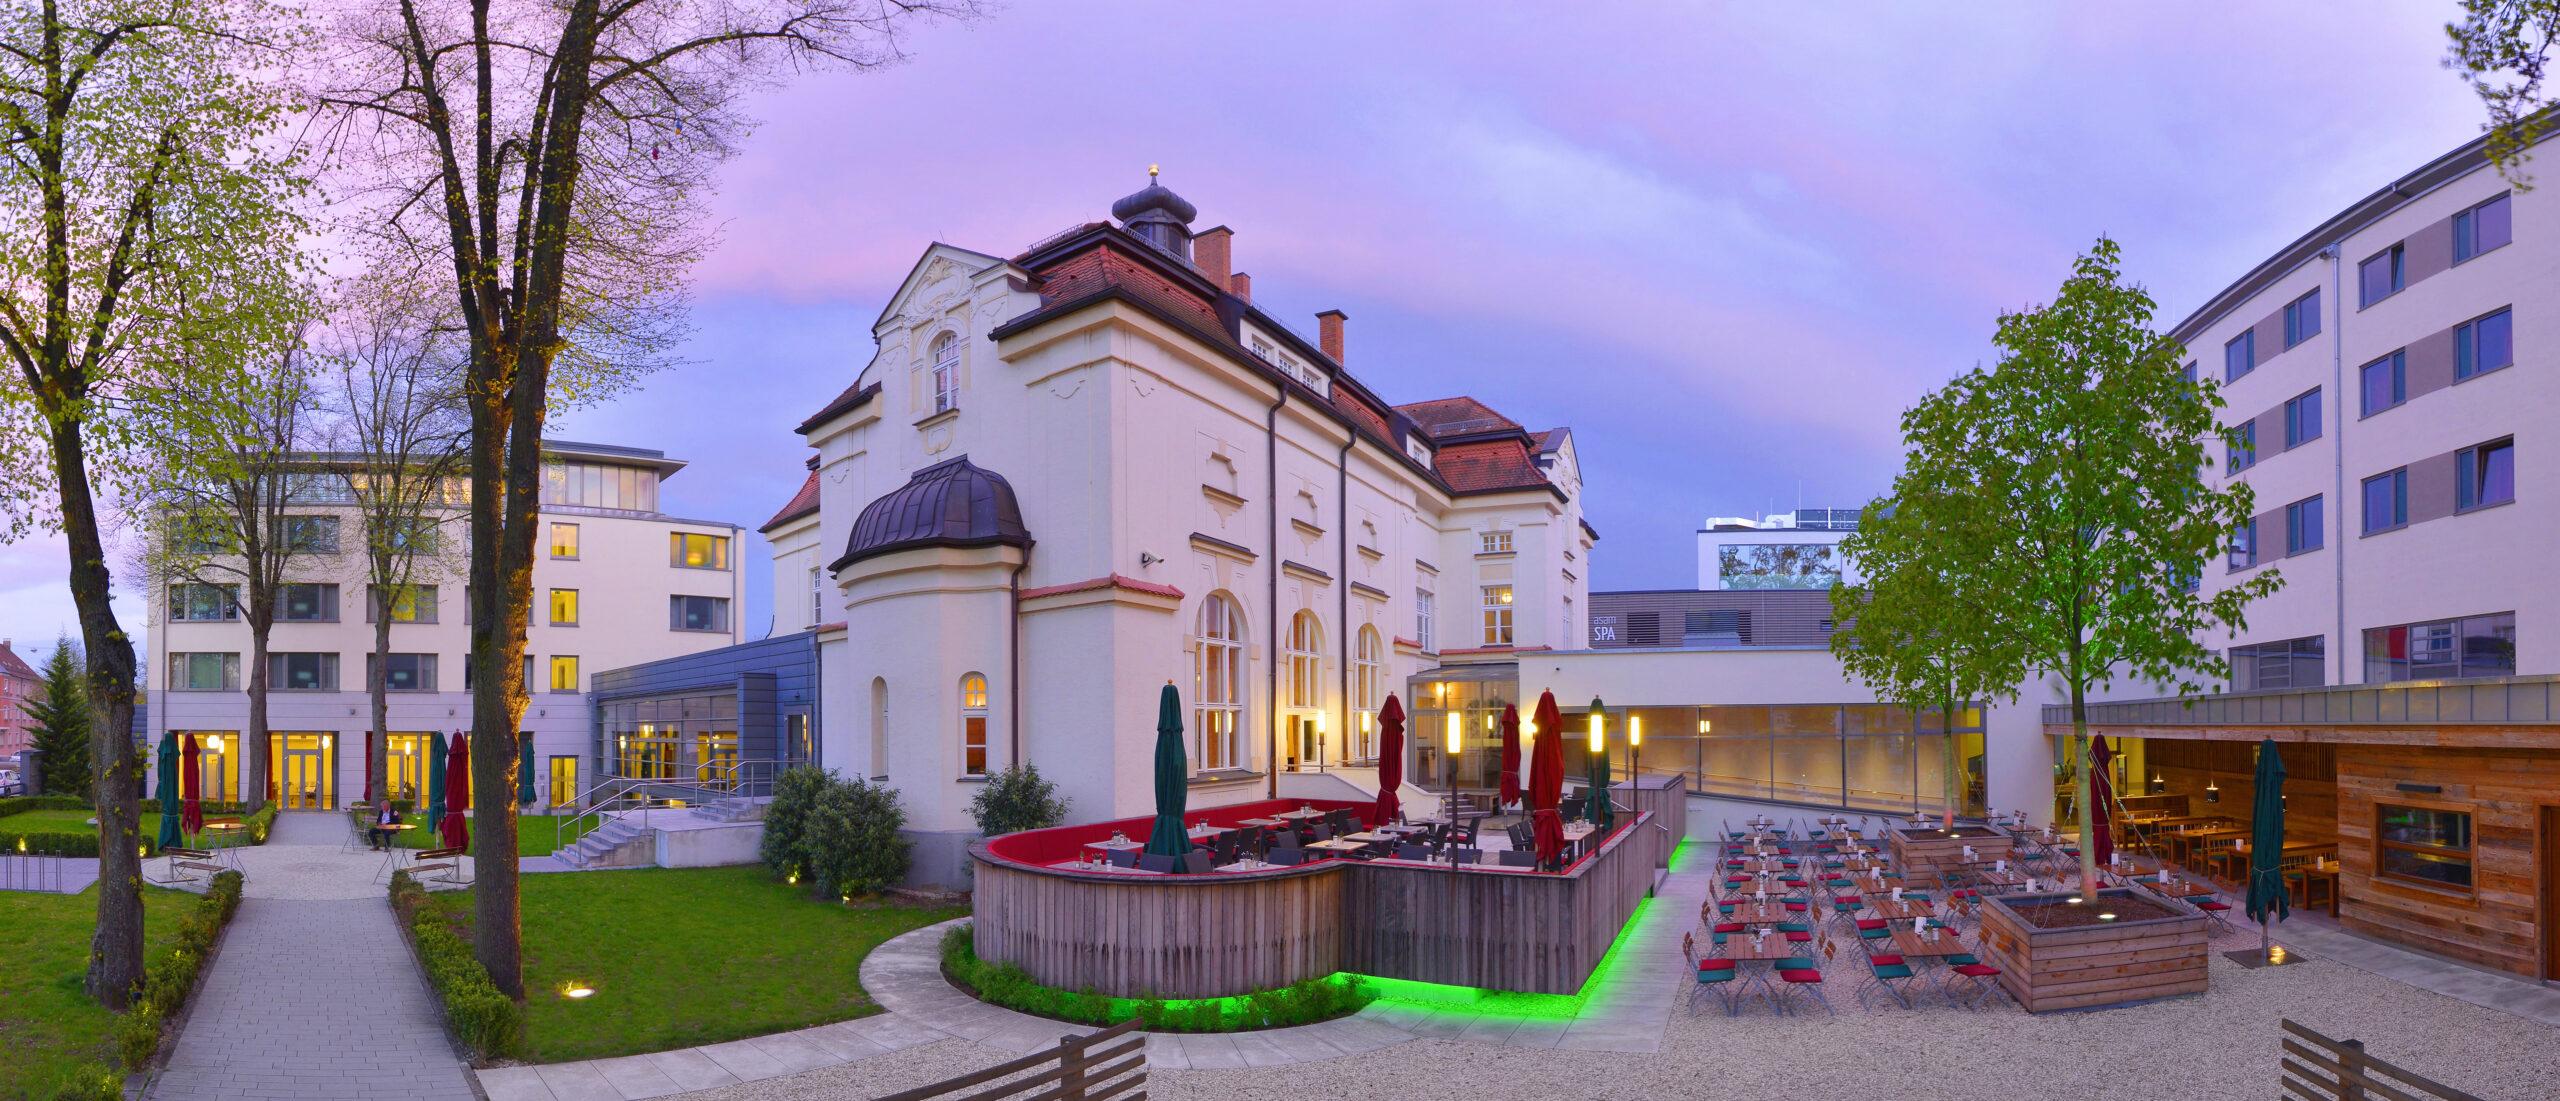 Außenbereich des Asam Hotels